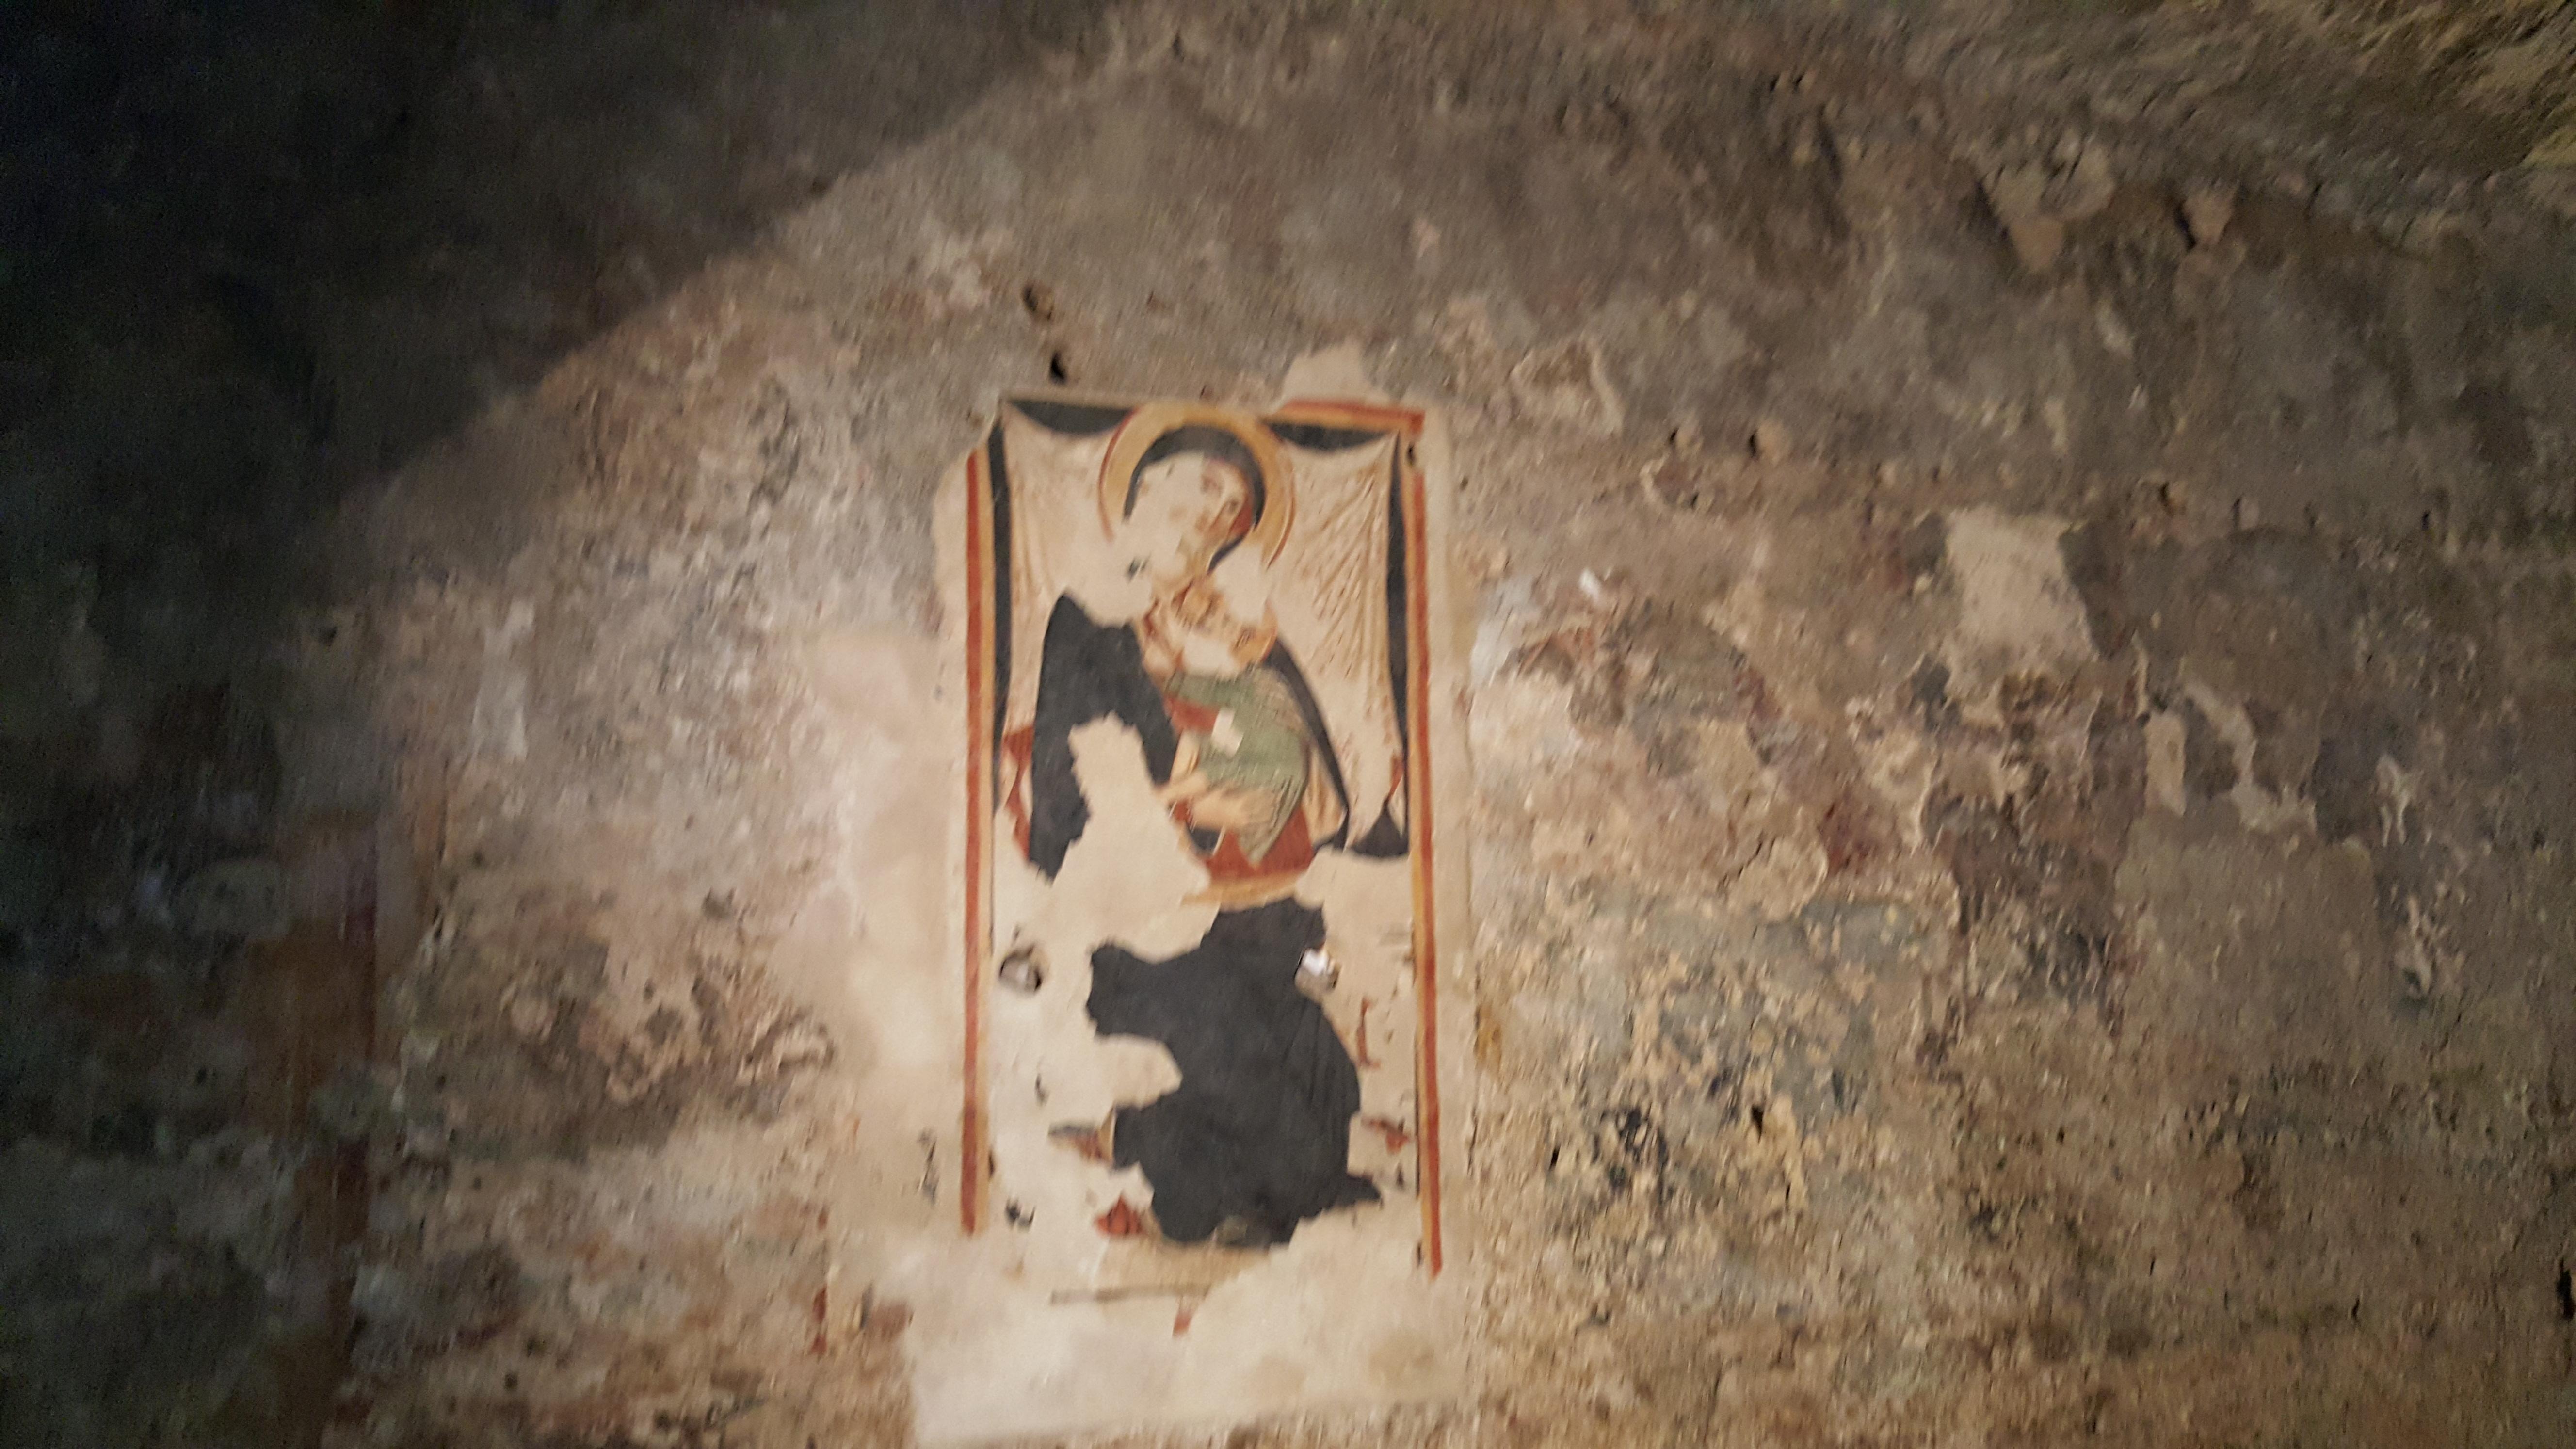 Lentini, Restaurato l' affresco Madonna del latte.  Il contributo interanente erogato dall'Archeoclub